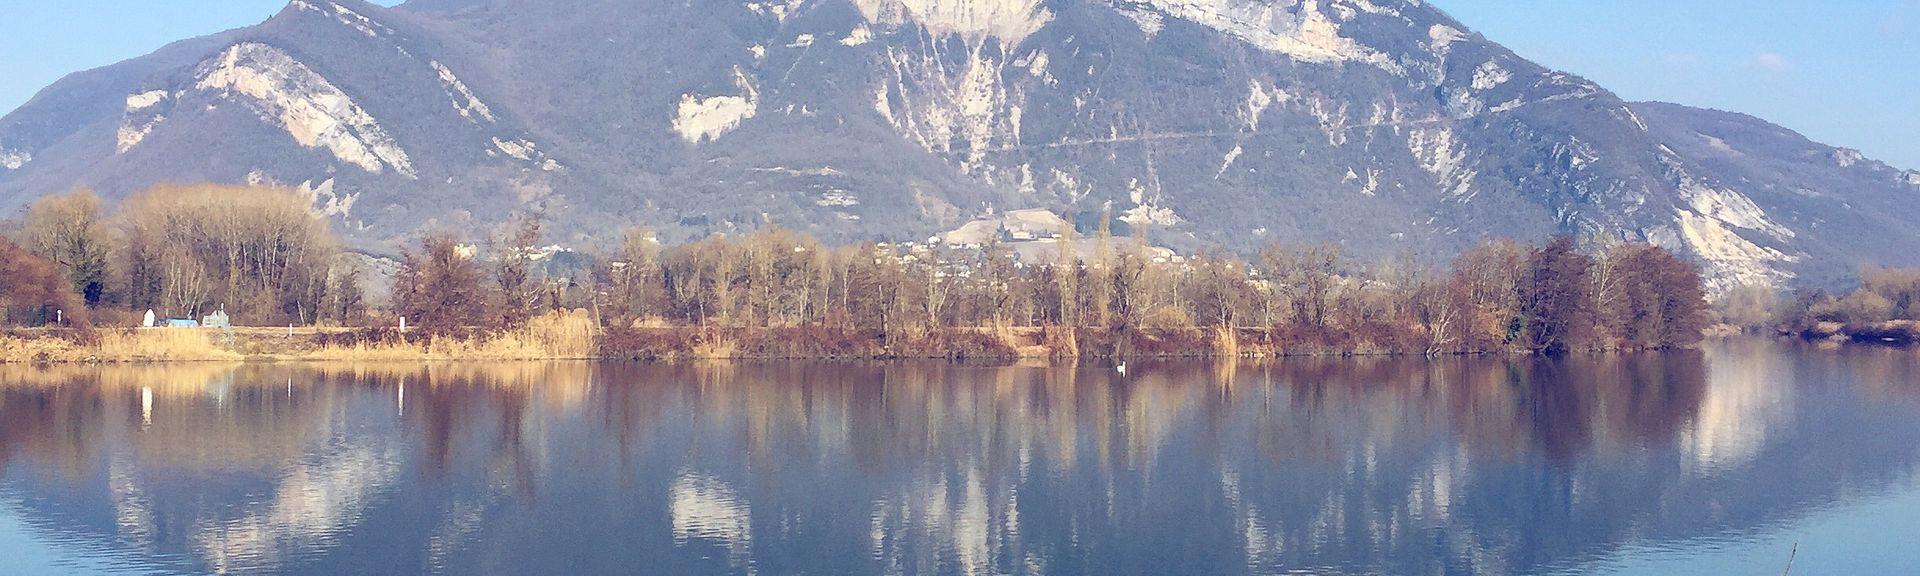 Bénonces, Ródano-Alpes, Francia